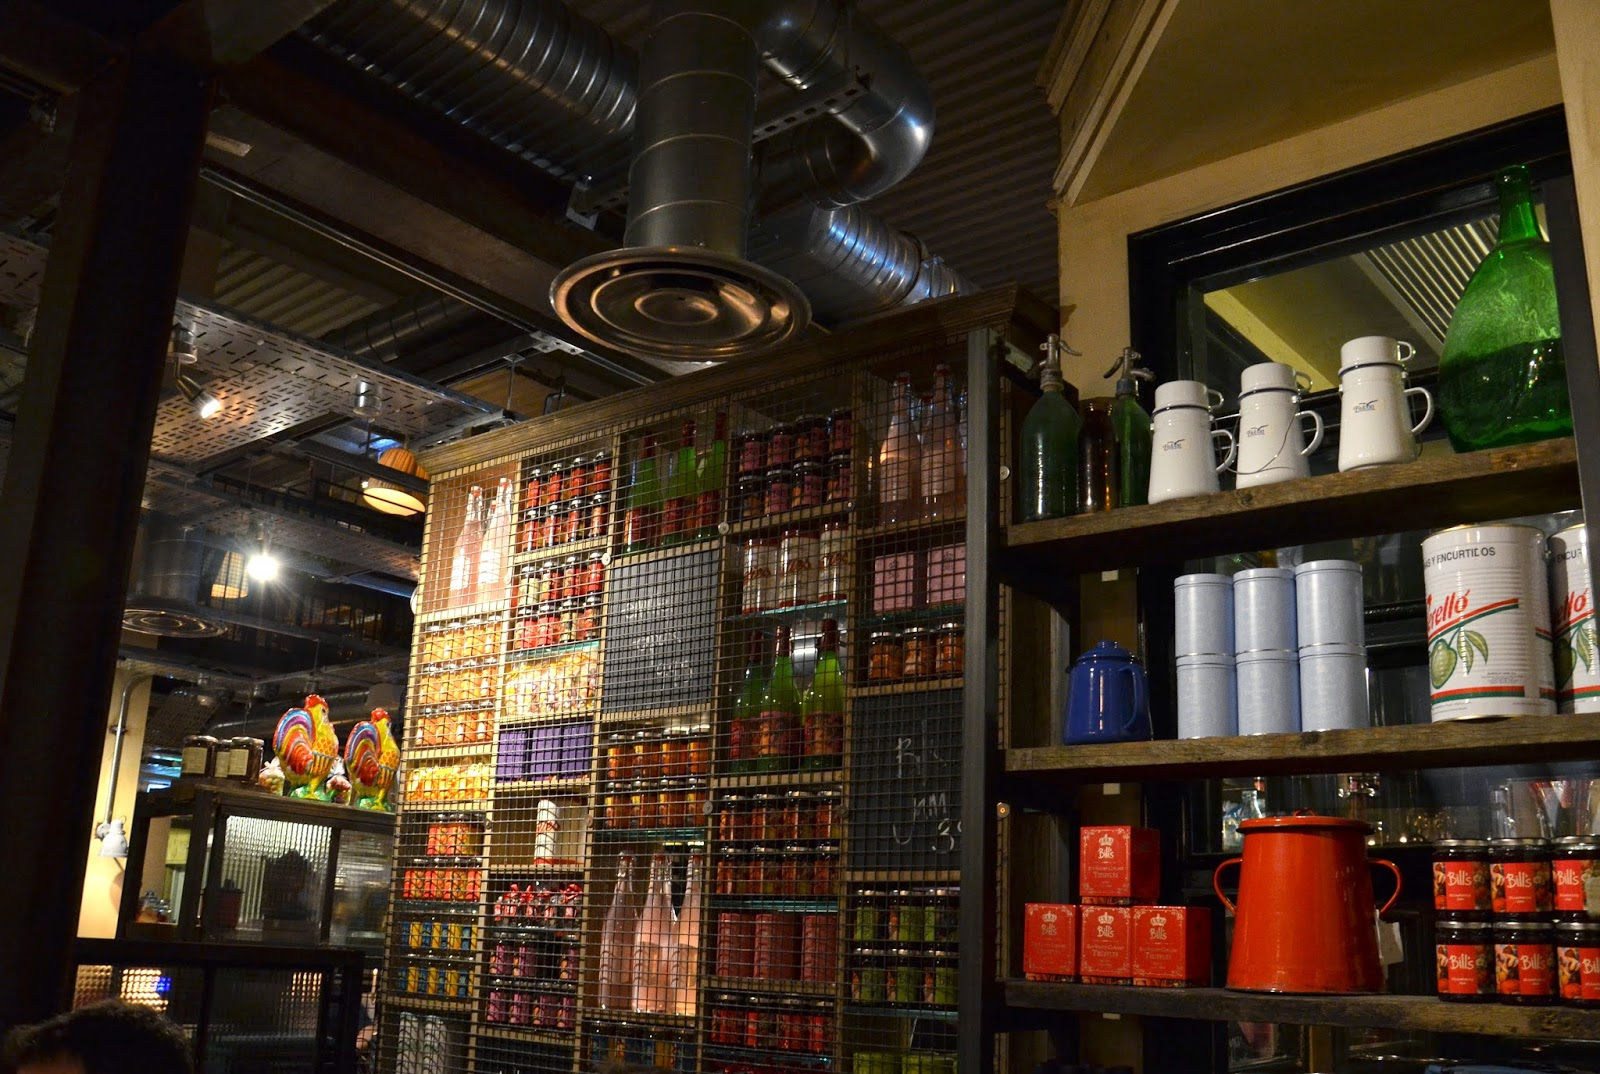 Bill's Nottingham Restaurant